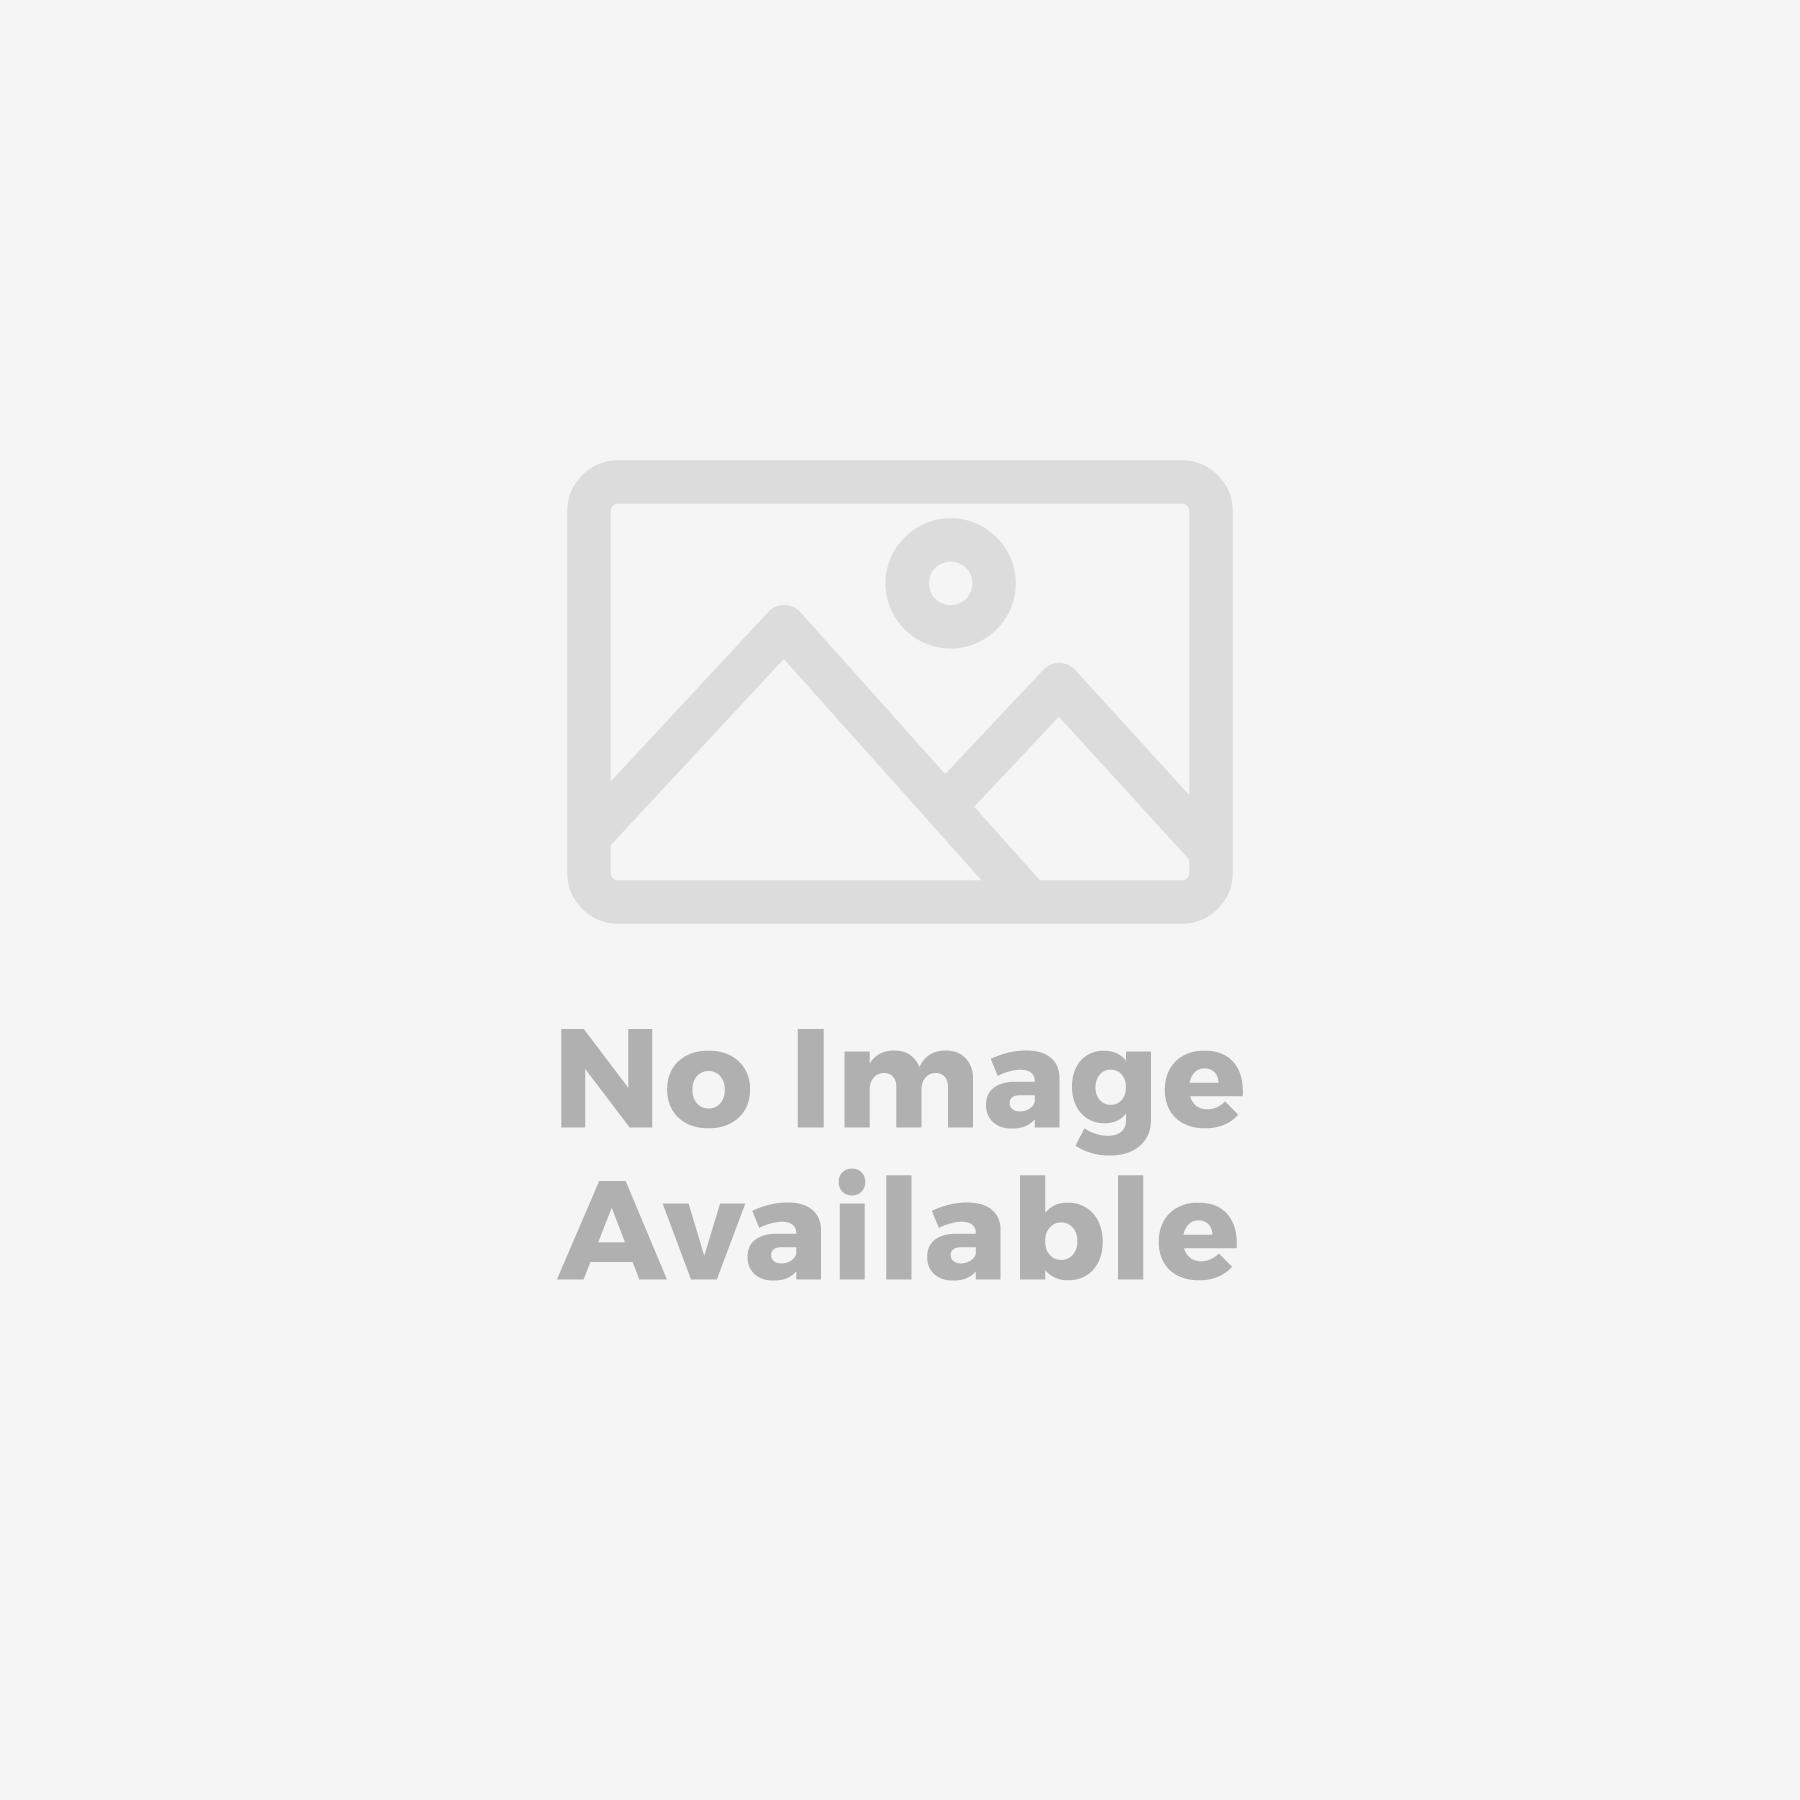 VITRUVIO - DINING TABLE